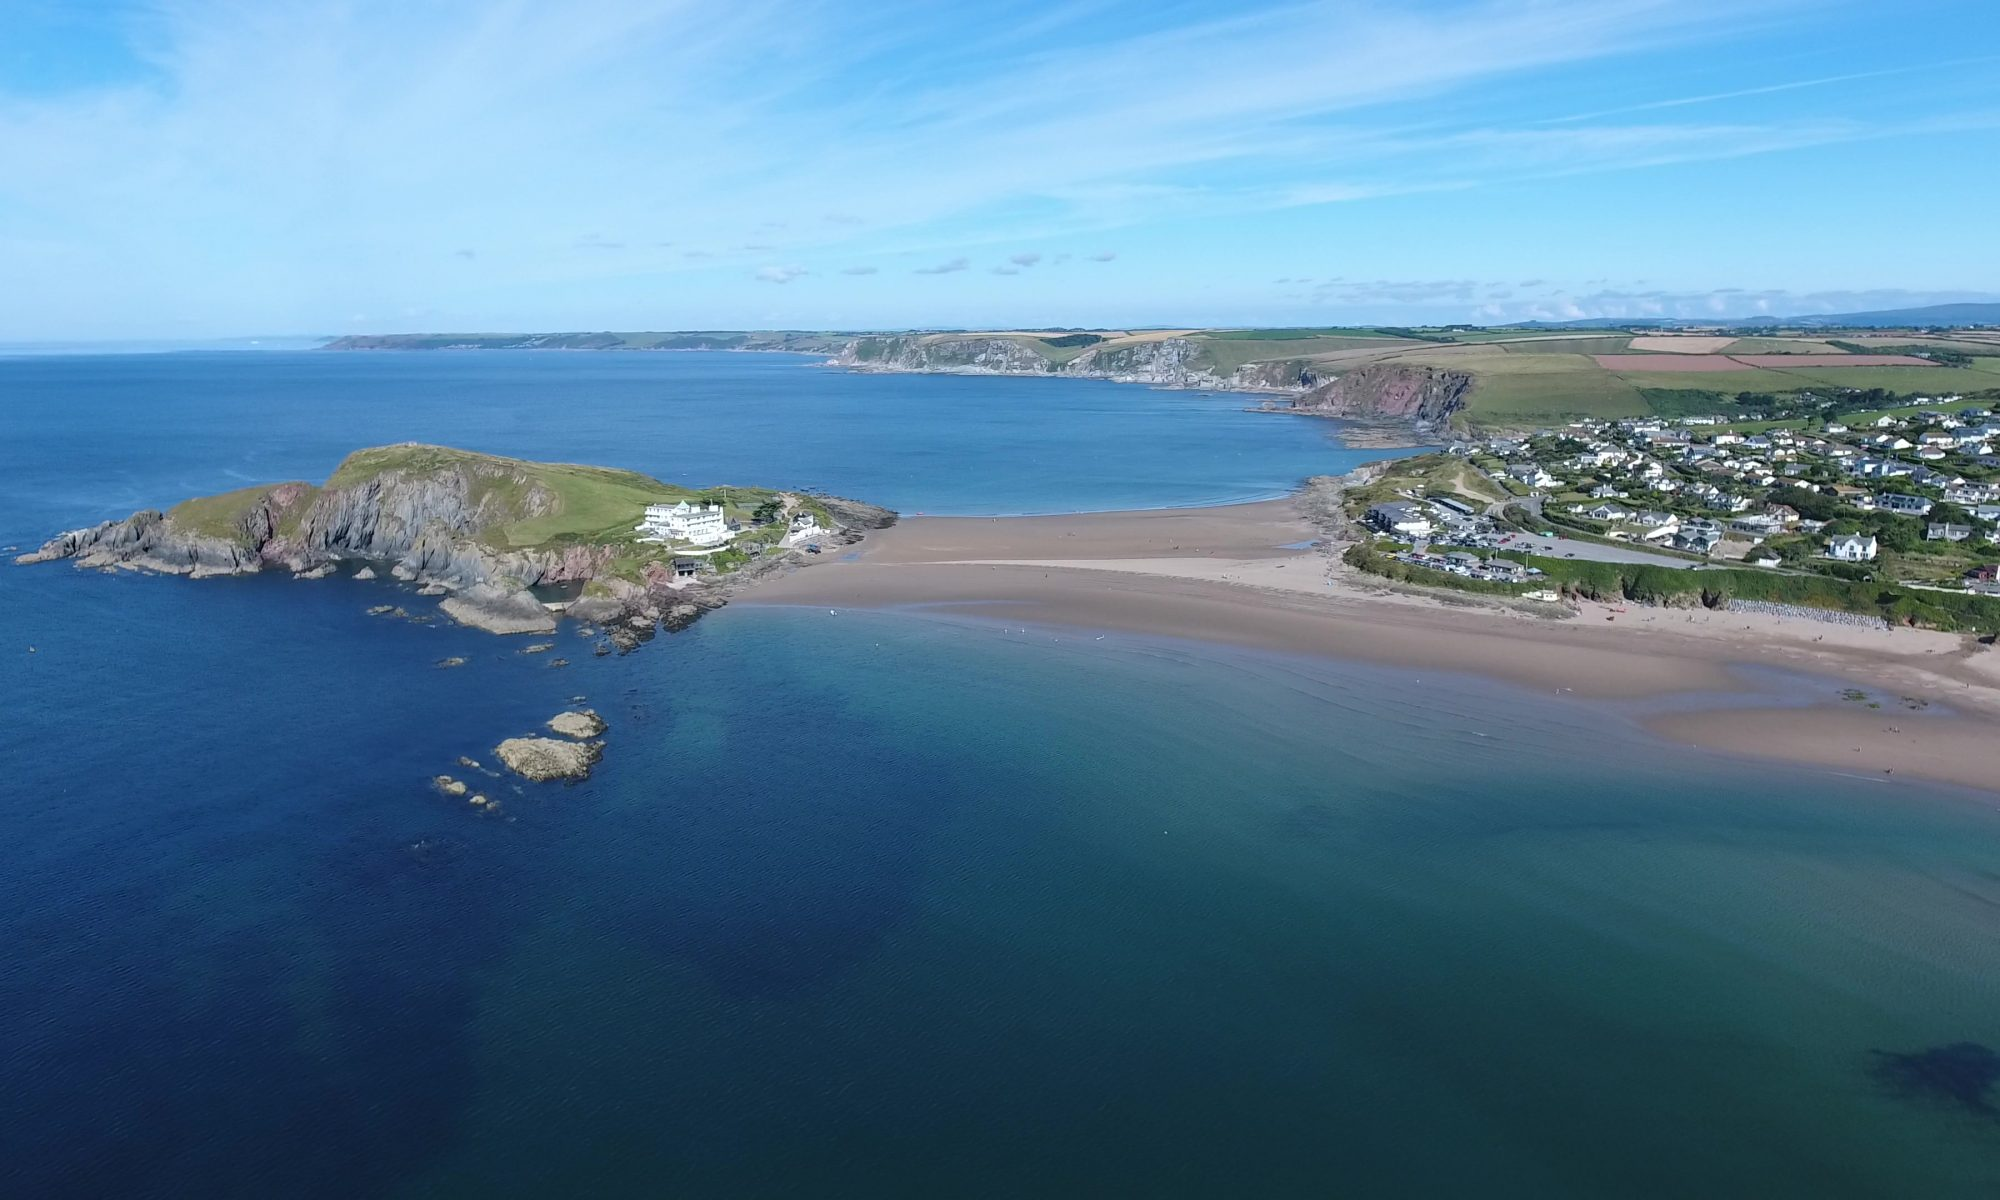 Burgh Island and Bigbury